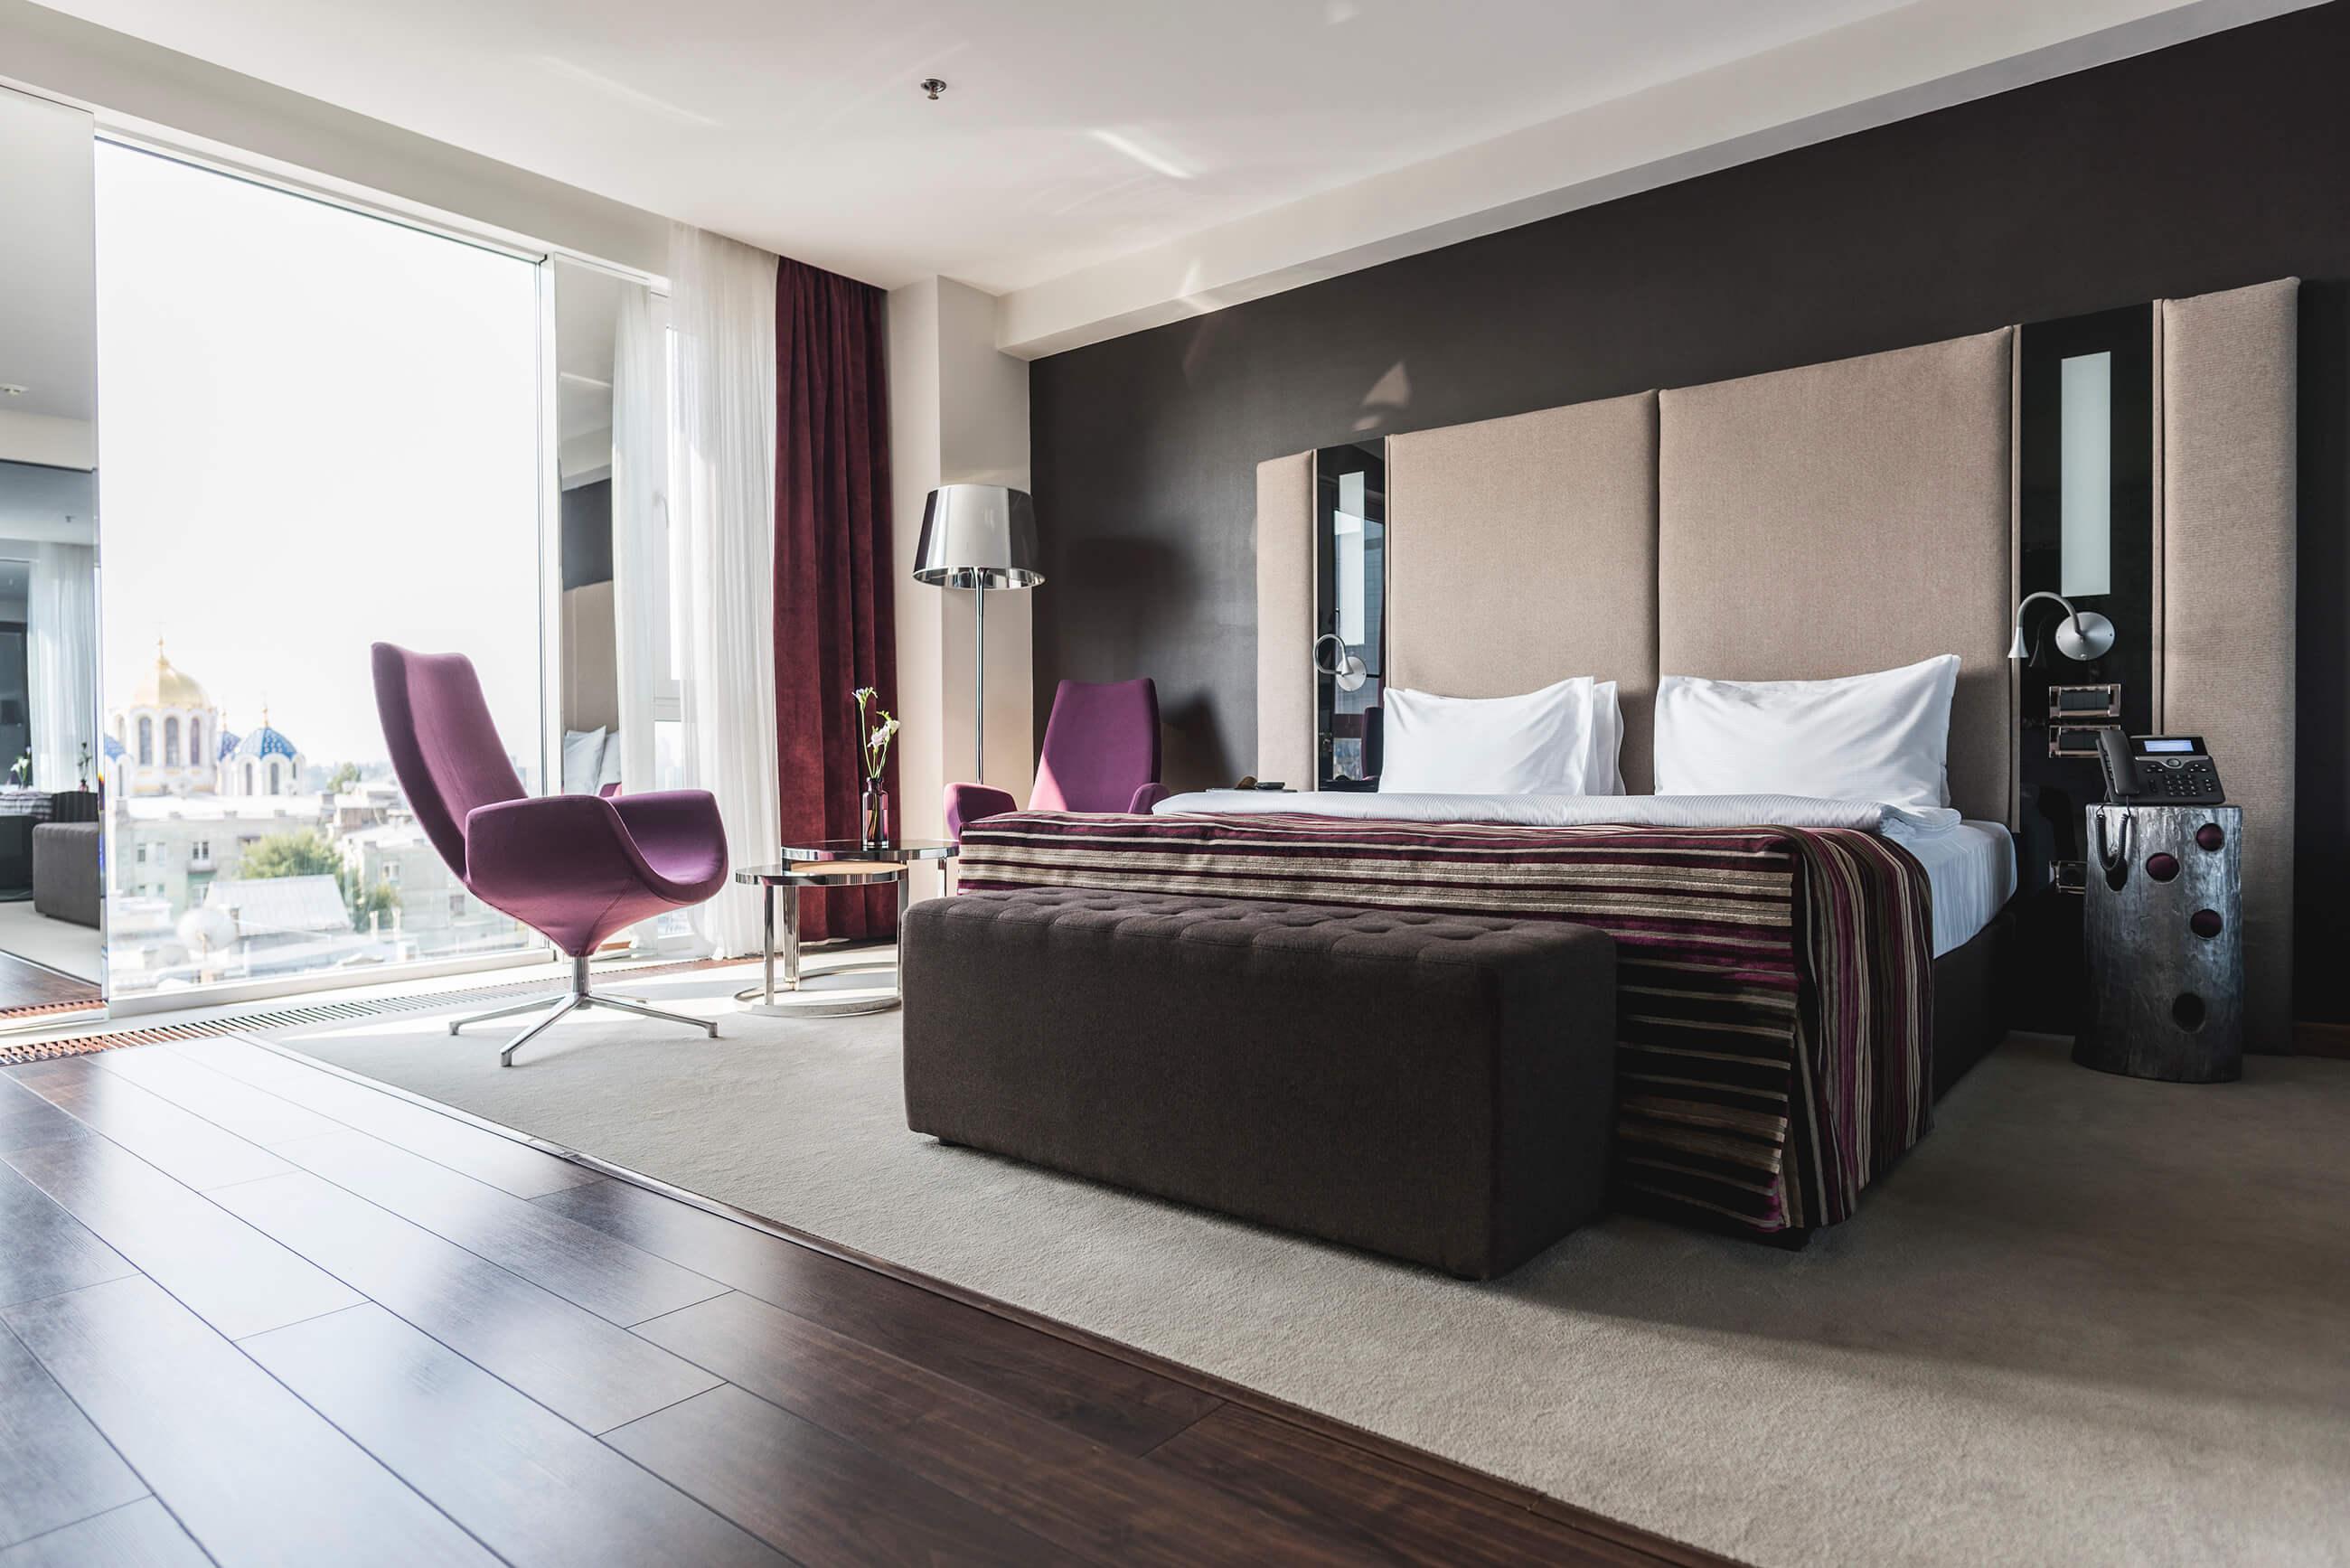 Бутик-отель 11 Mirrors признан одним из лучших в мире-320x180